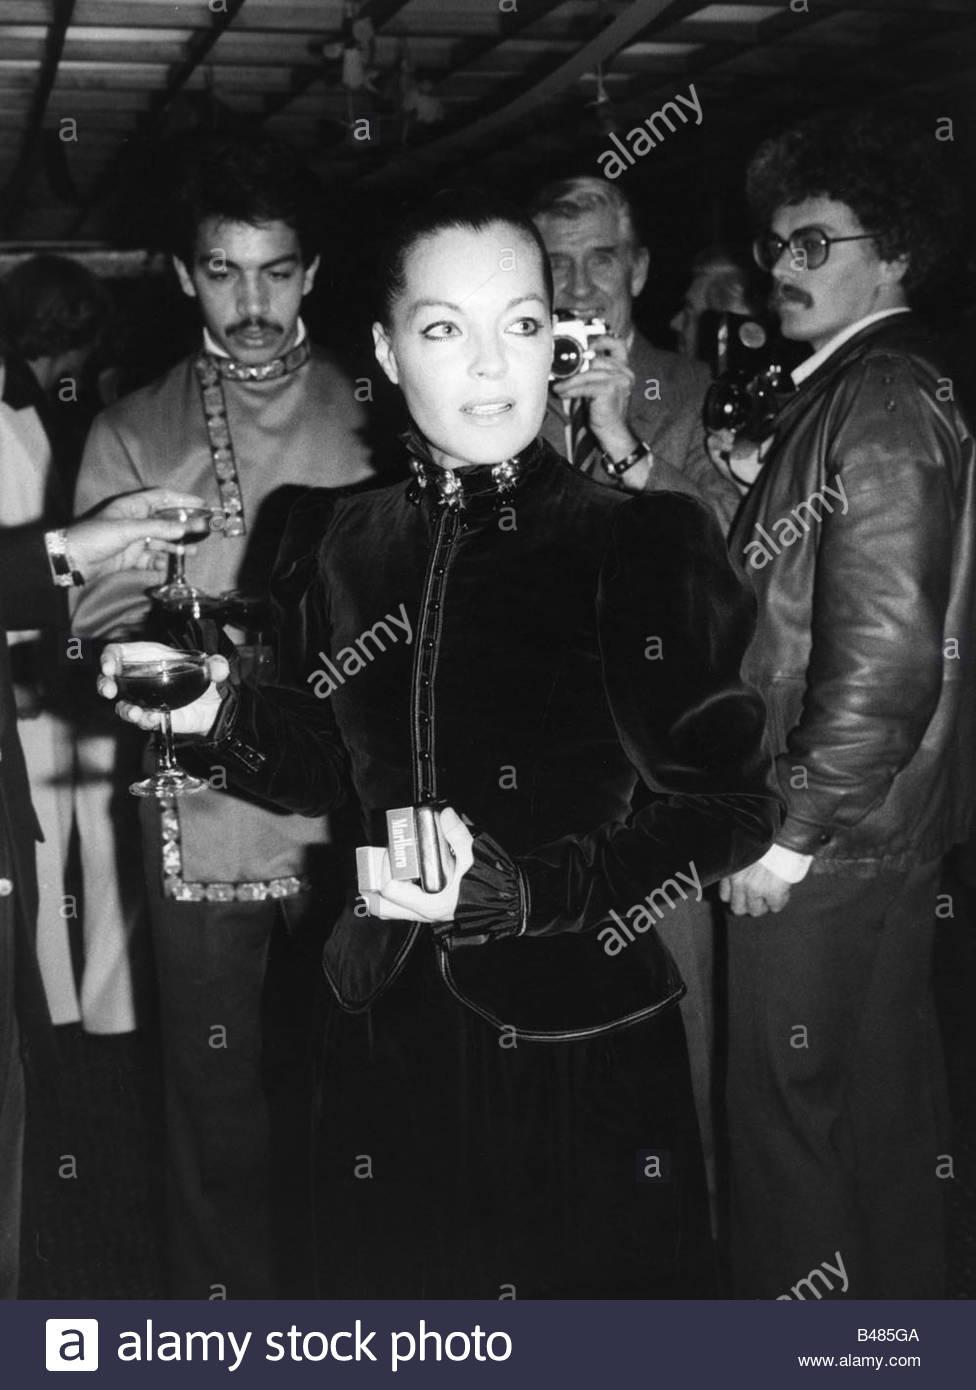 Schneider, Romy, 23.9.1938 - 29.5.1982, deutsche Schauspielerin, halbe Länge, tribute Event zu Luchino Visconti Stockbild